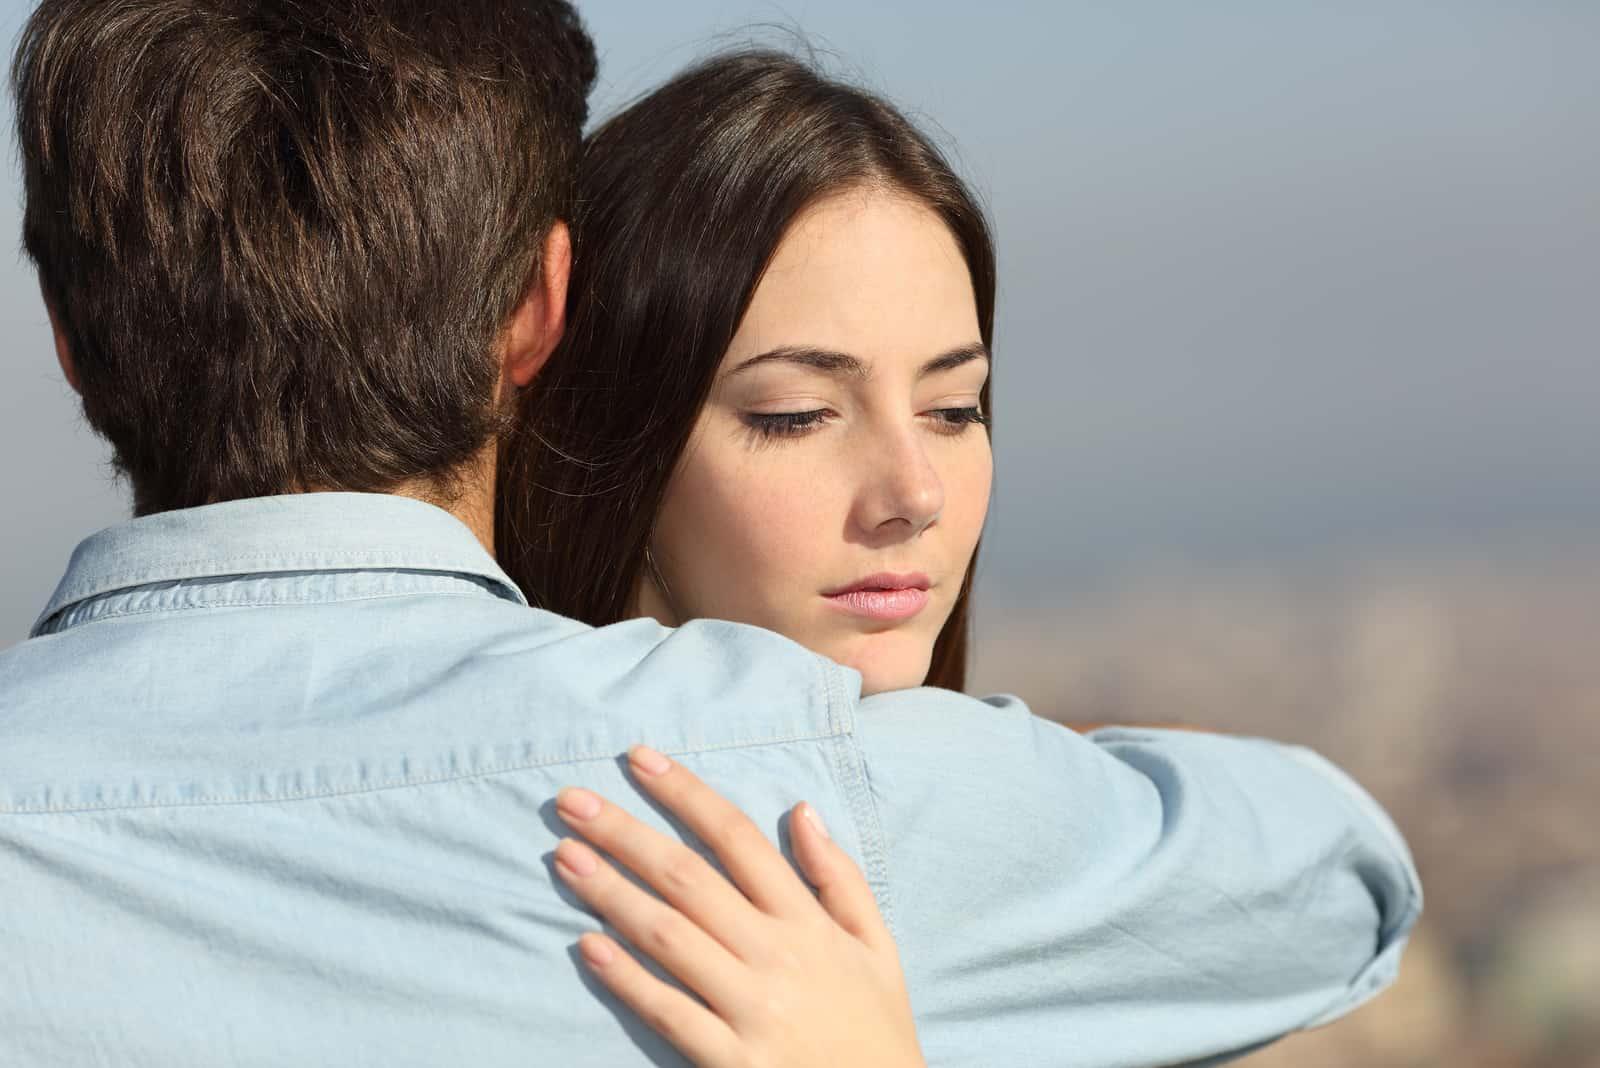 une femme imaginaire dans les bras d'un homme